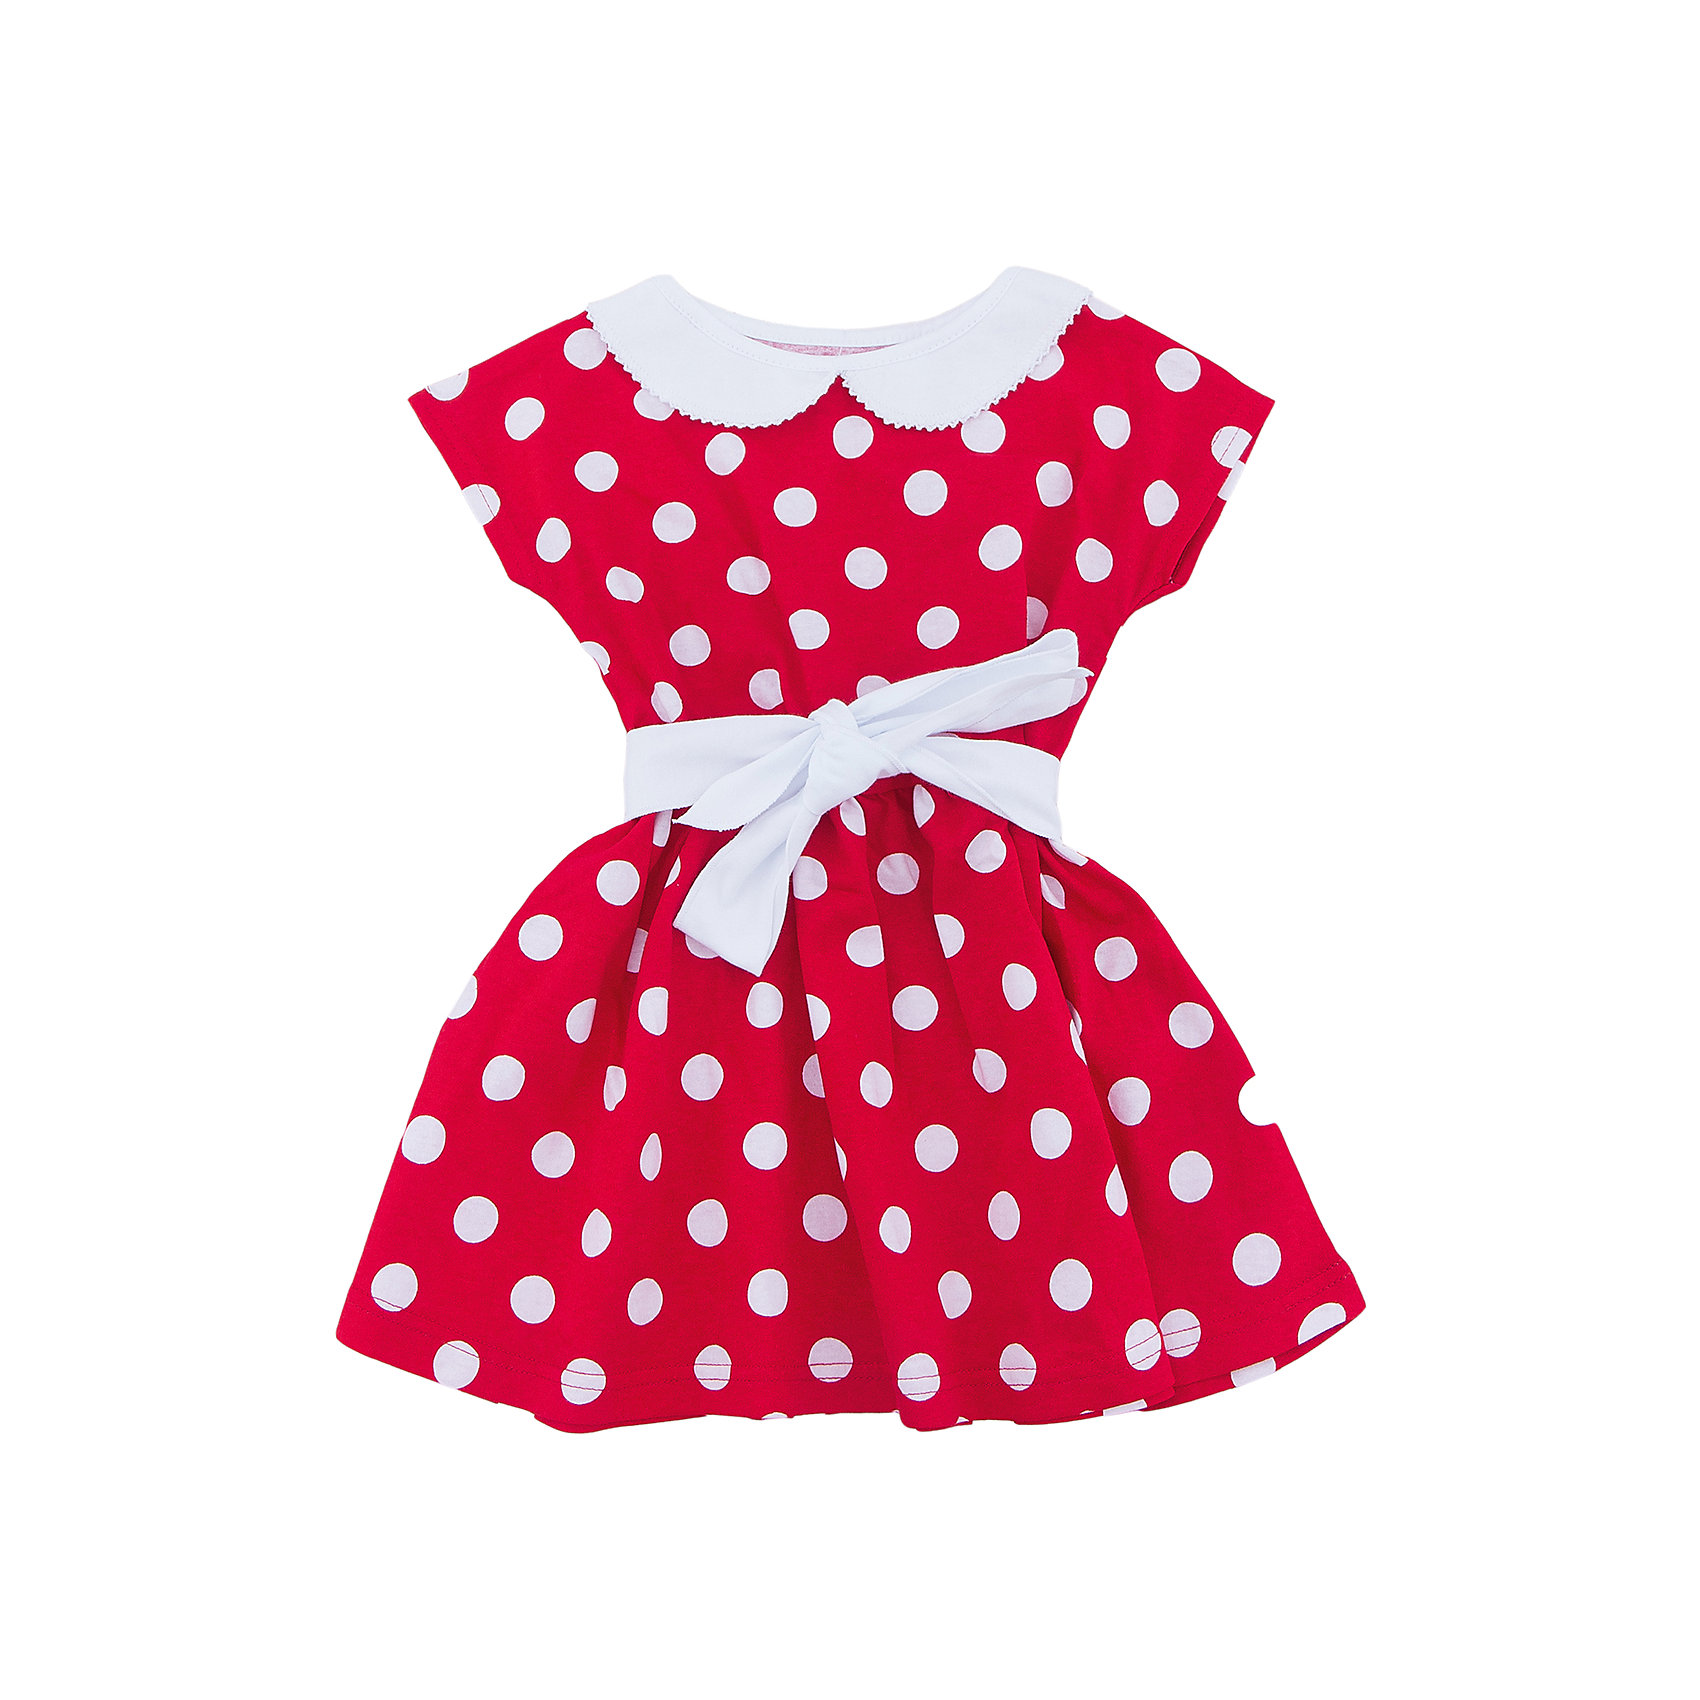 Платье для девочки АпрельПлатья и сарафаны<br>Платье для девочки Апрель.<br>Состав:<br>хлопок 100%<br><br>Ширина мм: 236<br>Глубина мм: 16<br>Высота мм: 184<br>Вес г: 177<br>Цвет: красный<br>Возраст от месяцев: 108<br>Возраст до месяцев: 120<br>Пол: Женский<br>Возраст: Детский<br>Размер: 140,98,104,110,116,122,128,134<br>SKU: 5515919